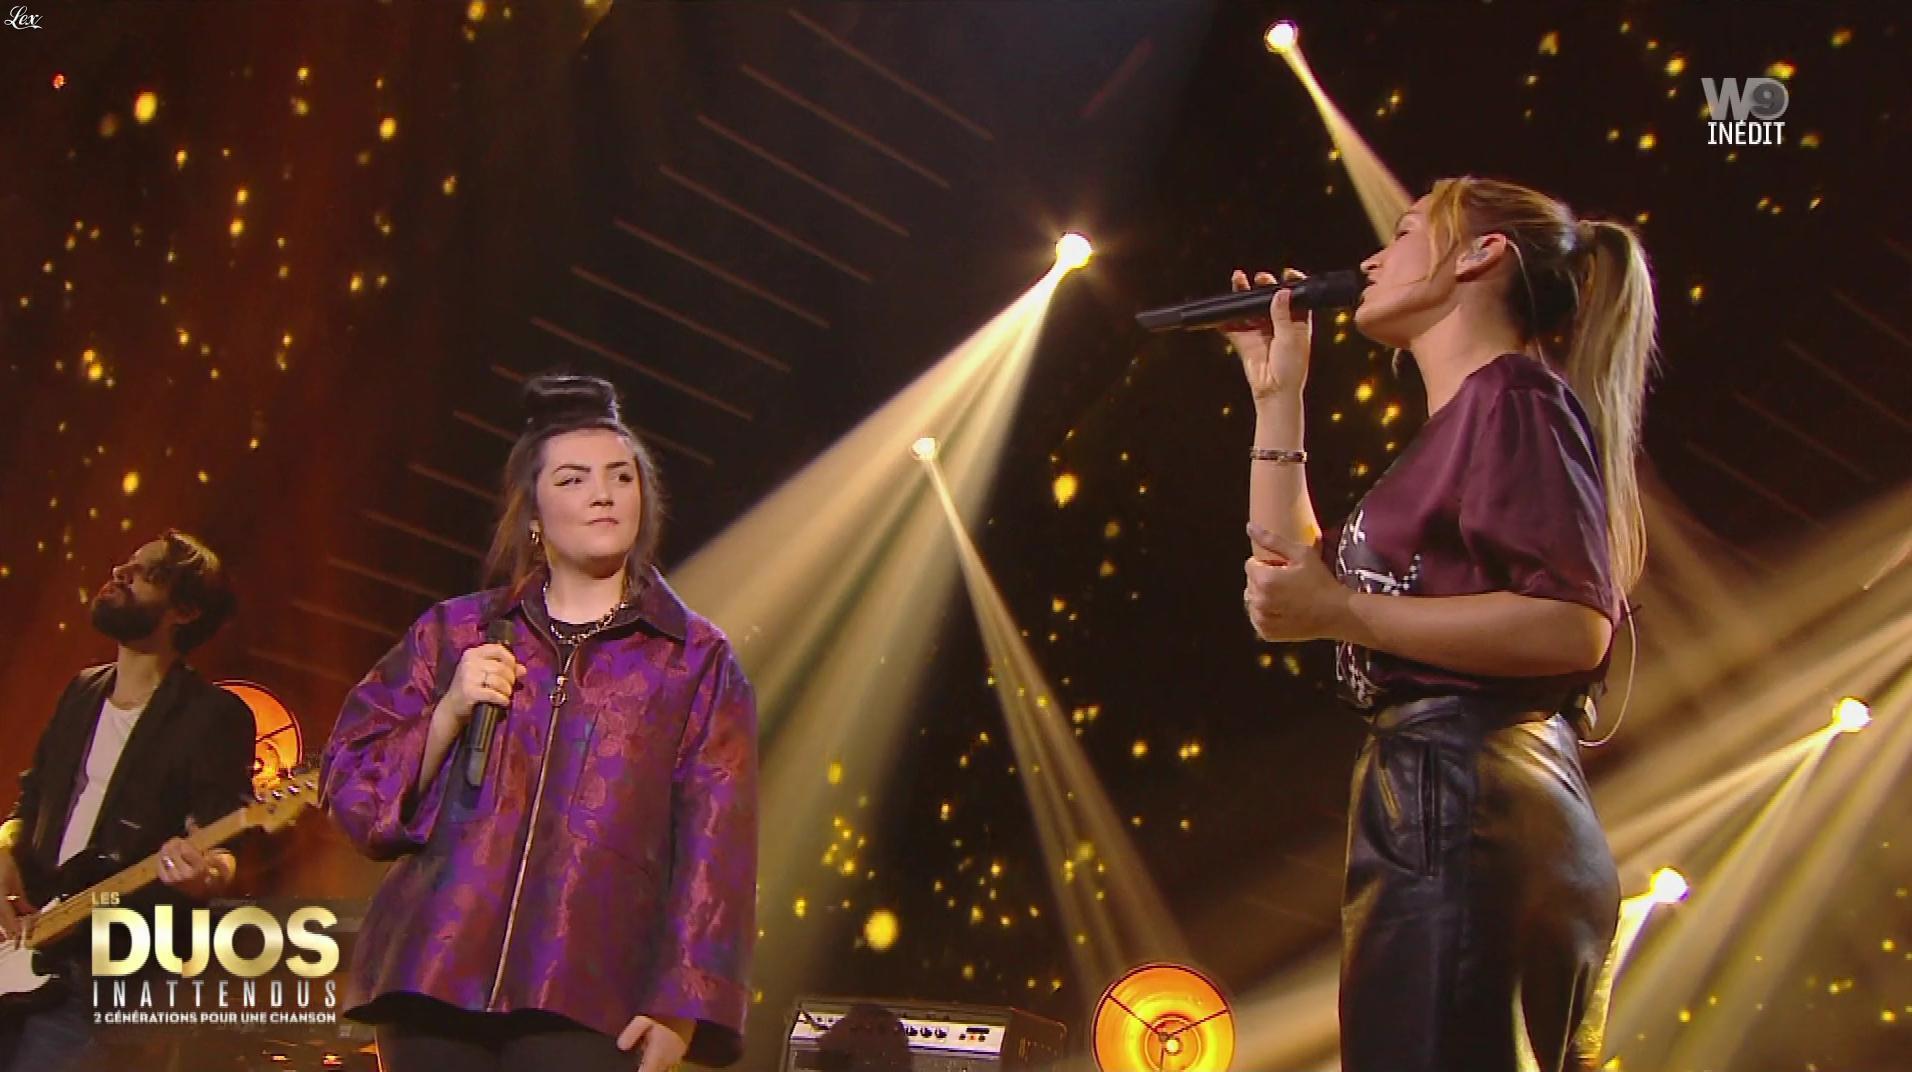 Vitaa dans les Duos Inattendus. Diffusé à la télévision le 22/12/18.